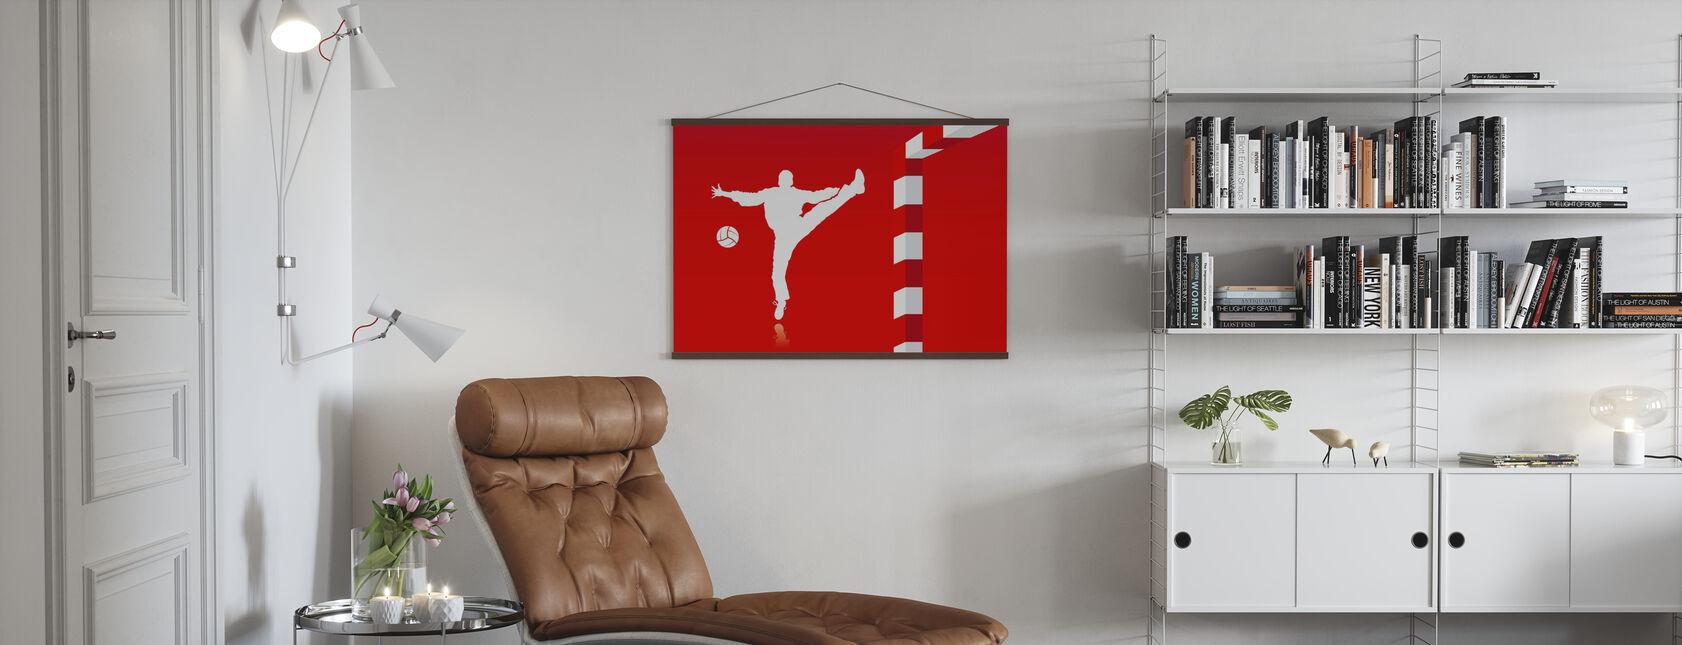 Håndbold - Rød - Plakat - Stue